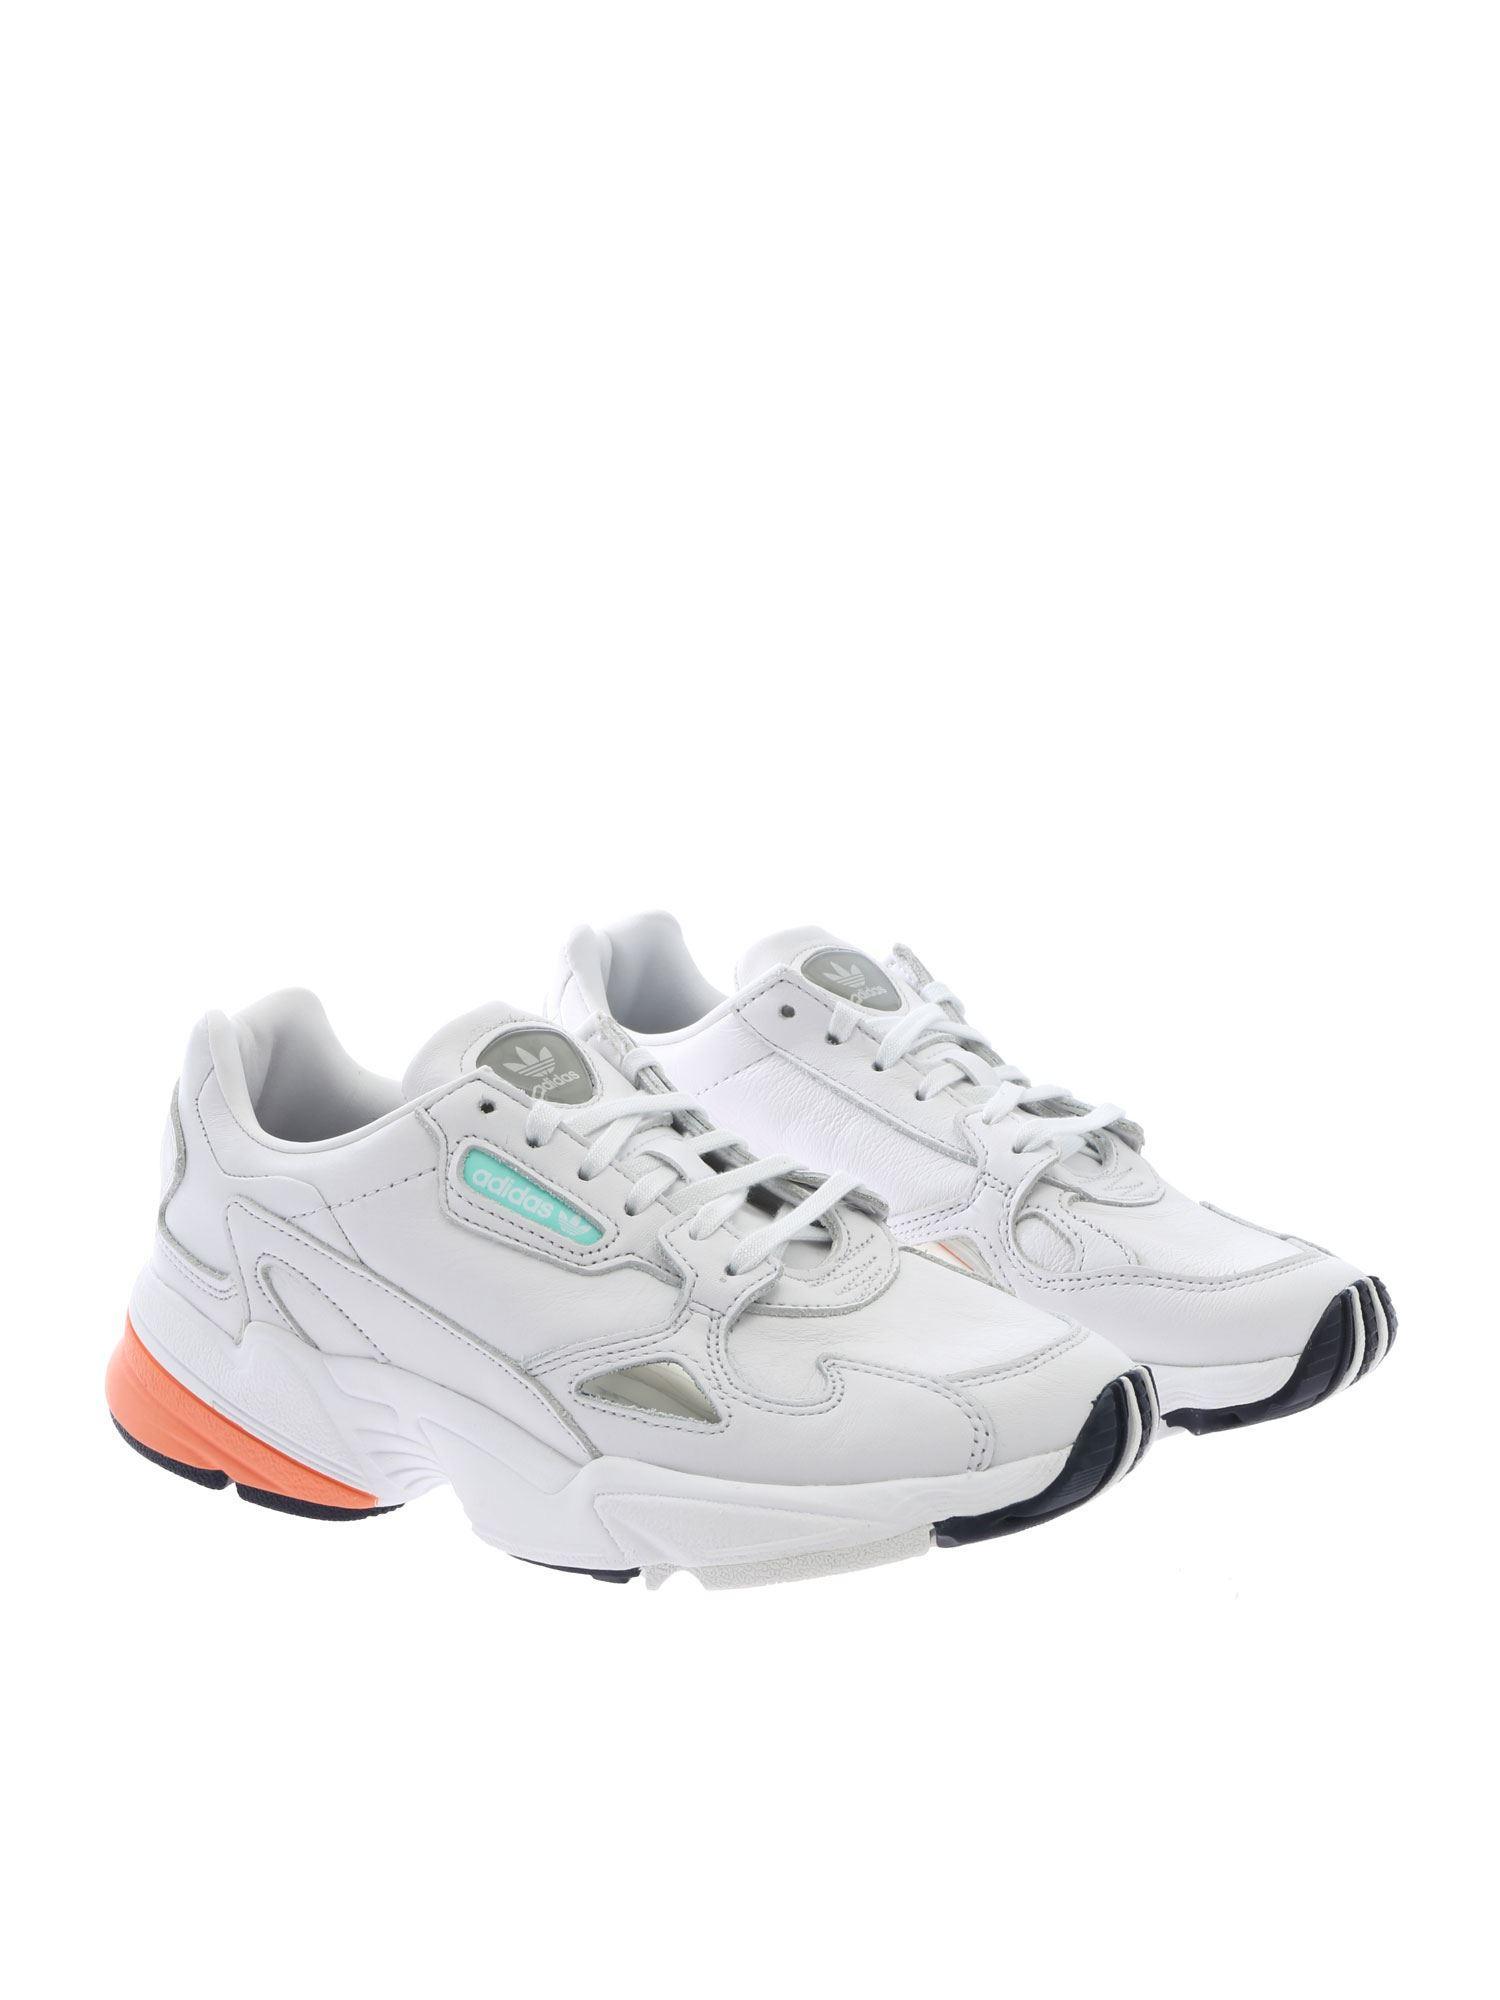 f0e3c55e7ba6 Adidas Originals - Falcon White Sneakers - Lyst. View fullscreen